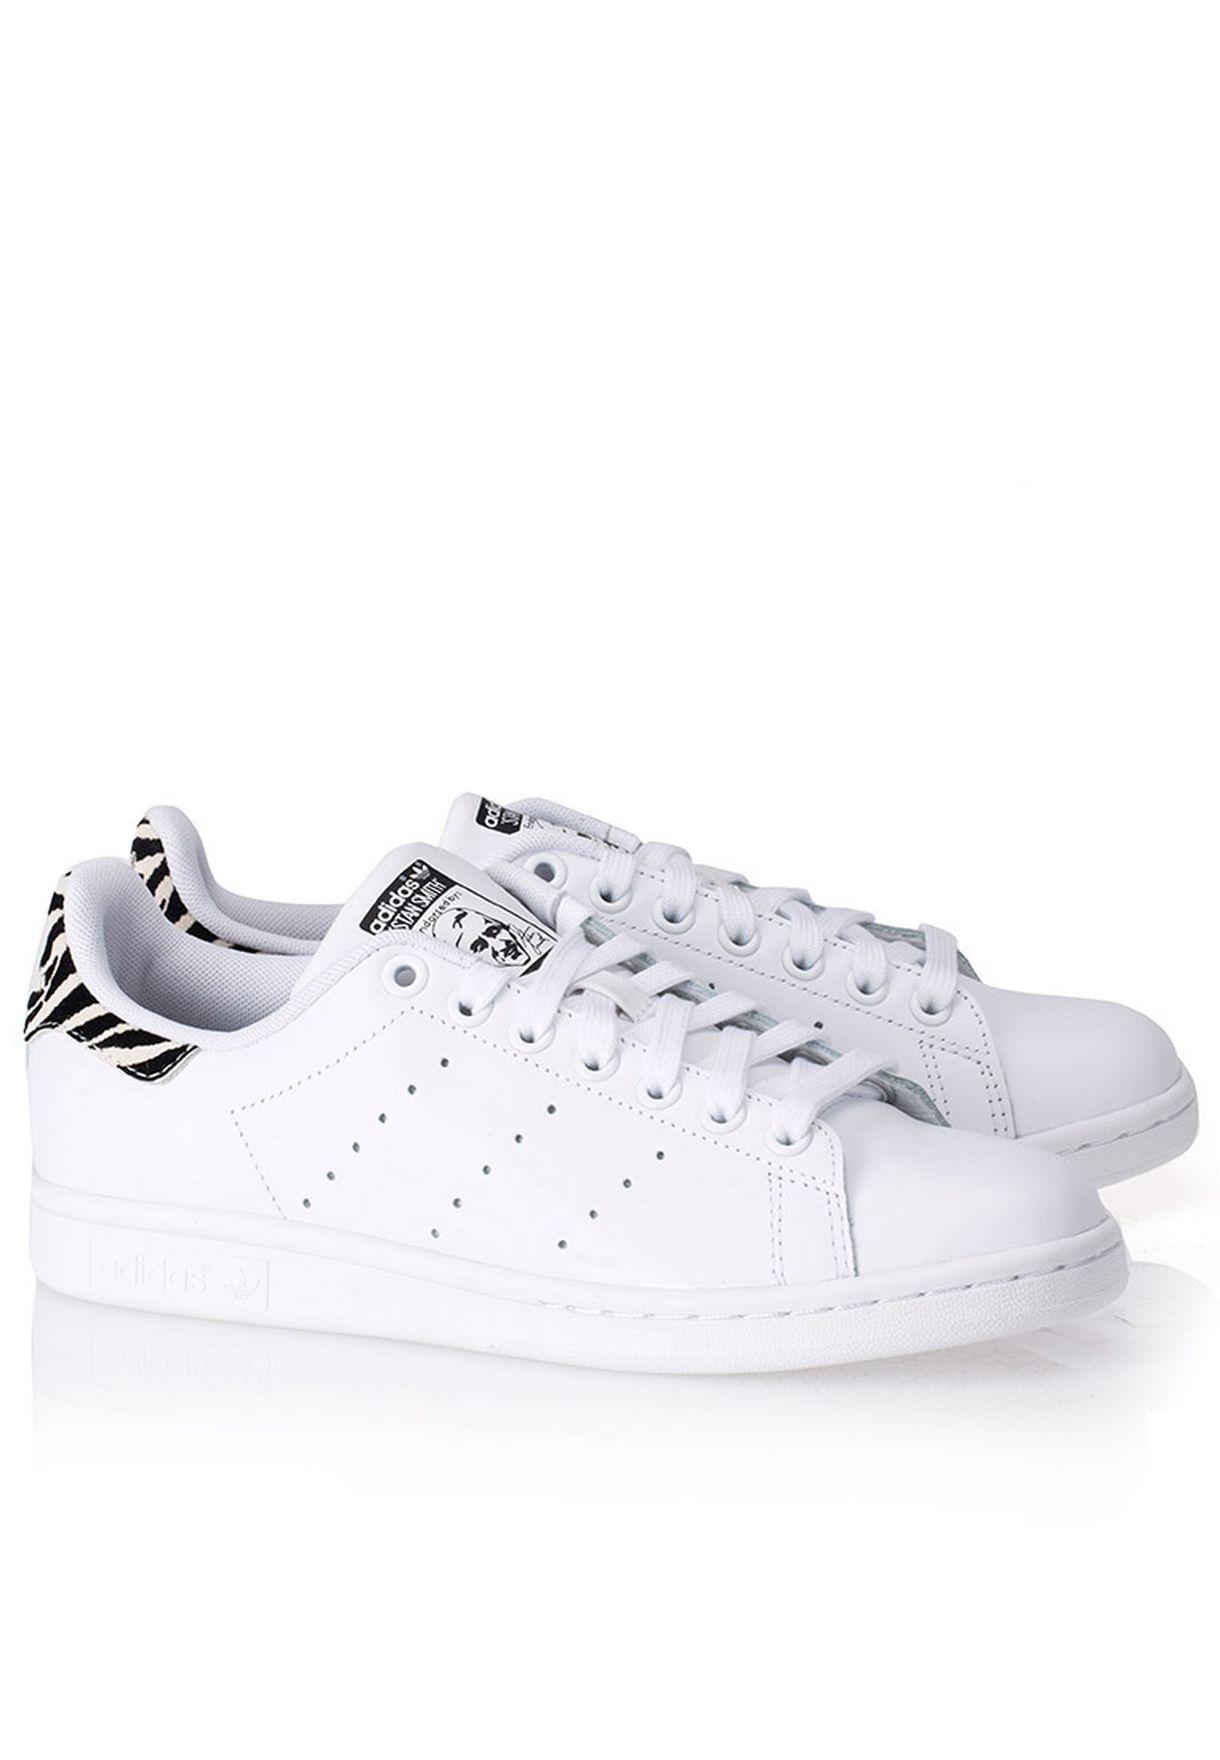 Il negozio di scarpe adidas originali in bianco per le donne in b26590 stan smith